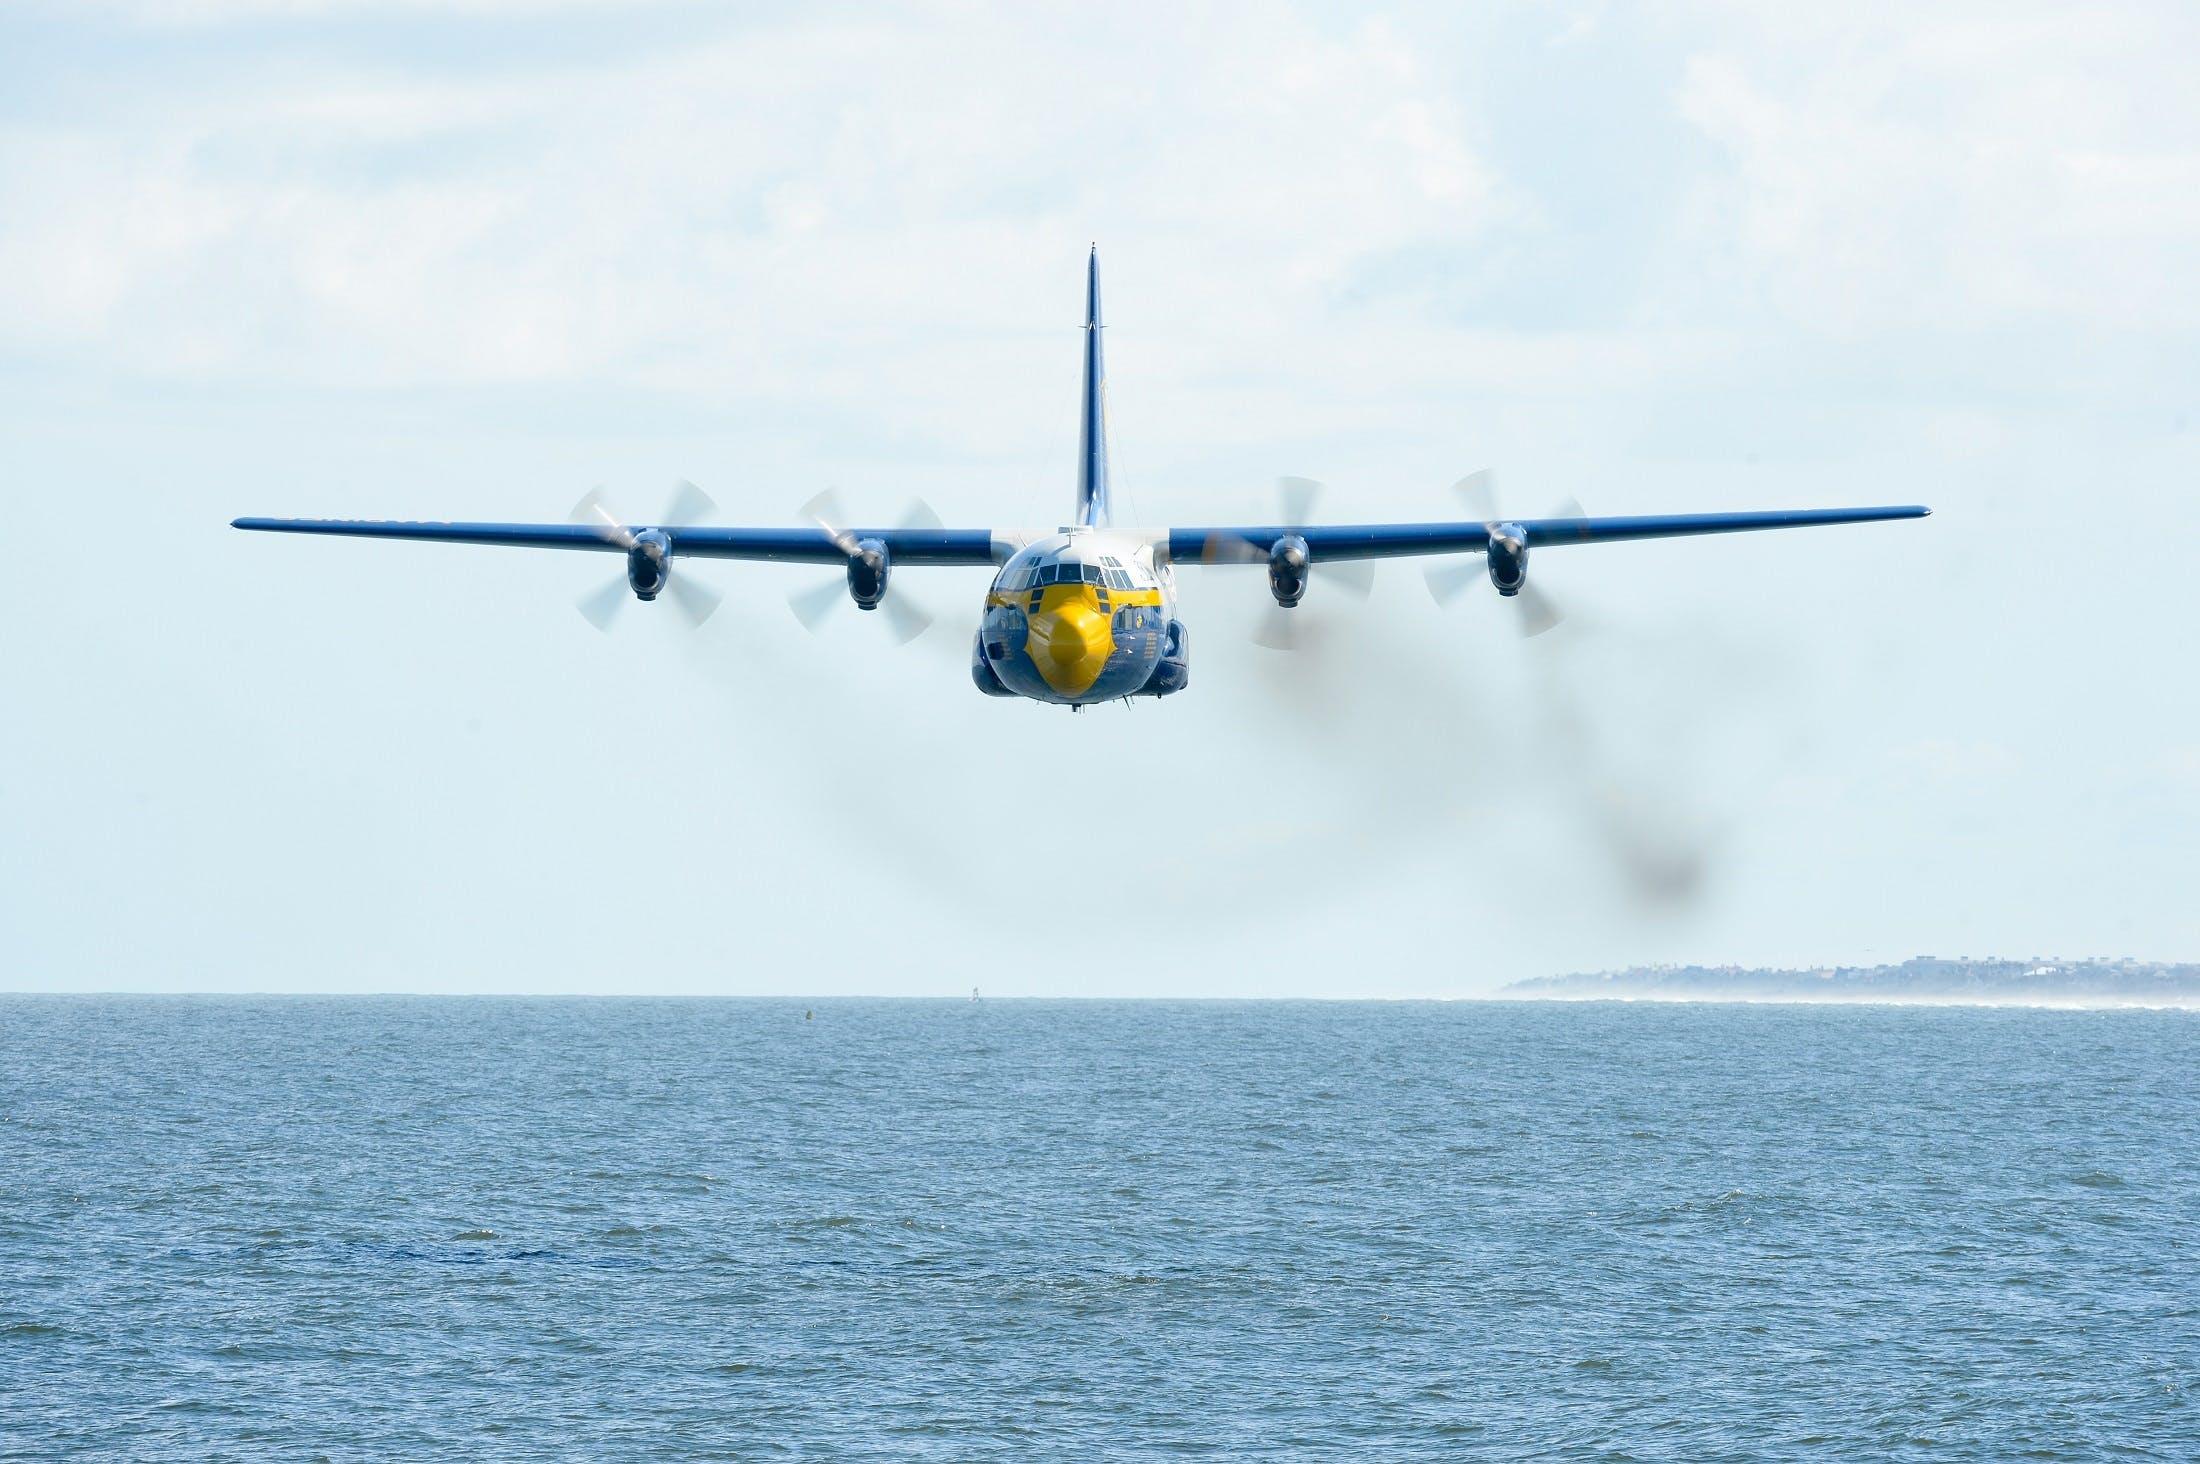 Kostenloses Stock Foto zu fliegen, flug, flugzeug, luftfahrt